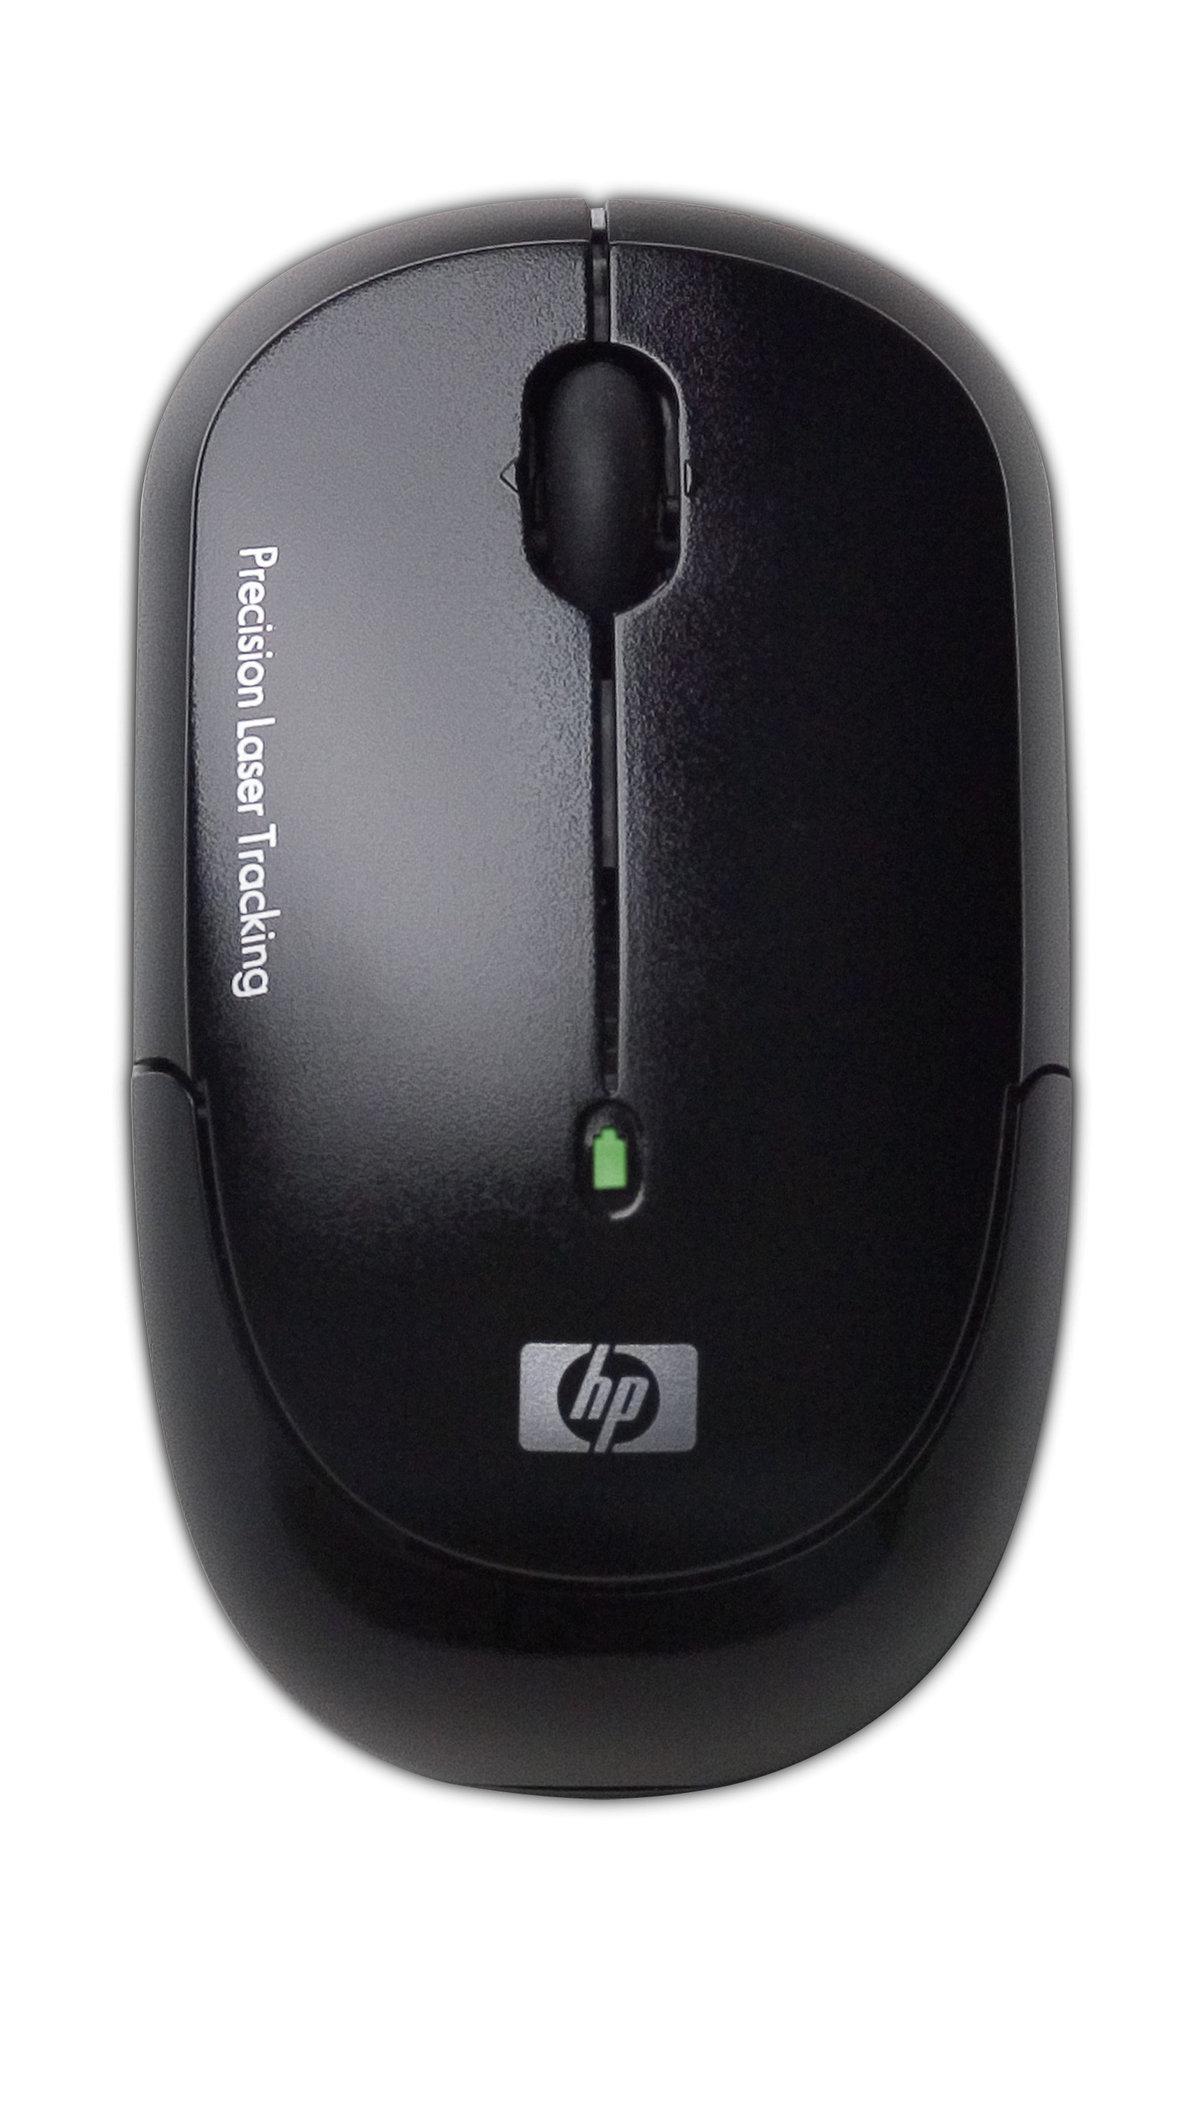 HP Wireless Laser Mini Mouse (EY018AA#ABB) | BT Shop